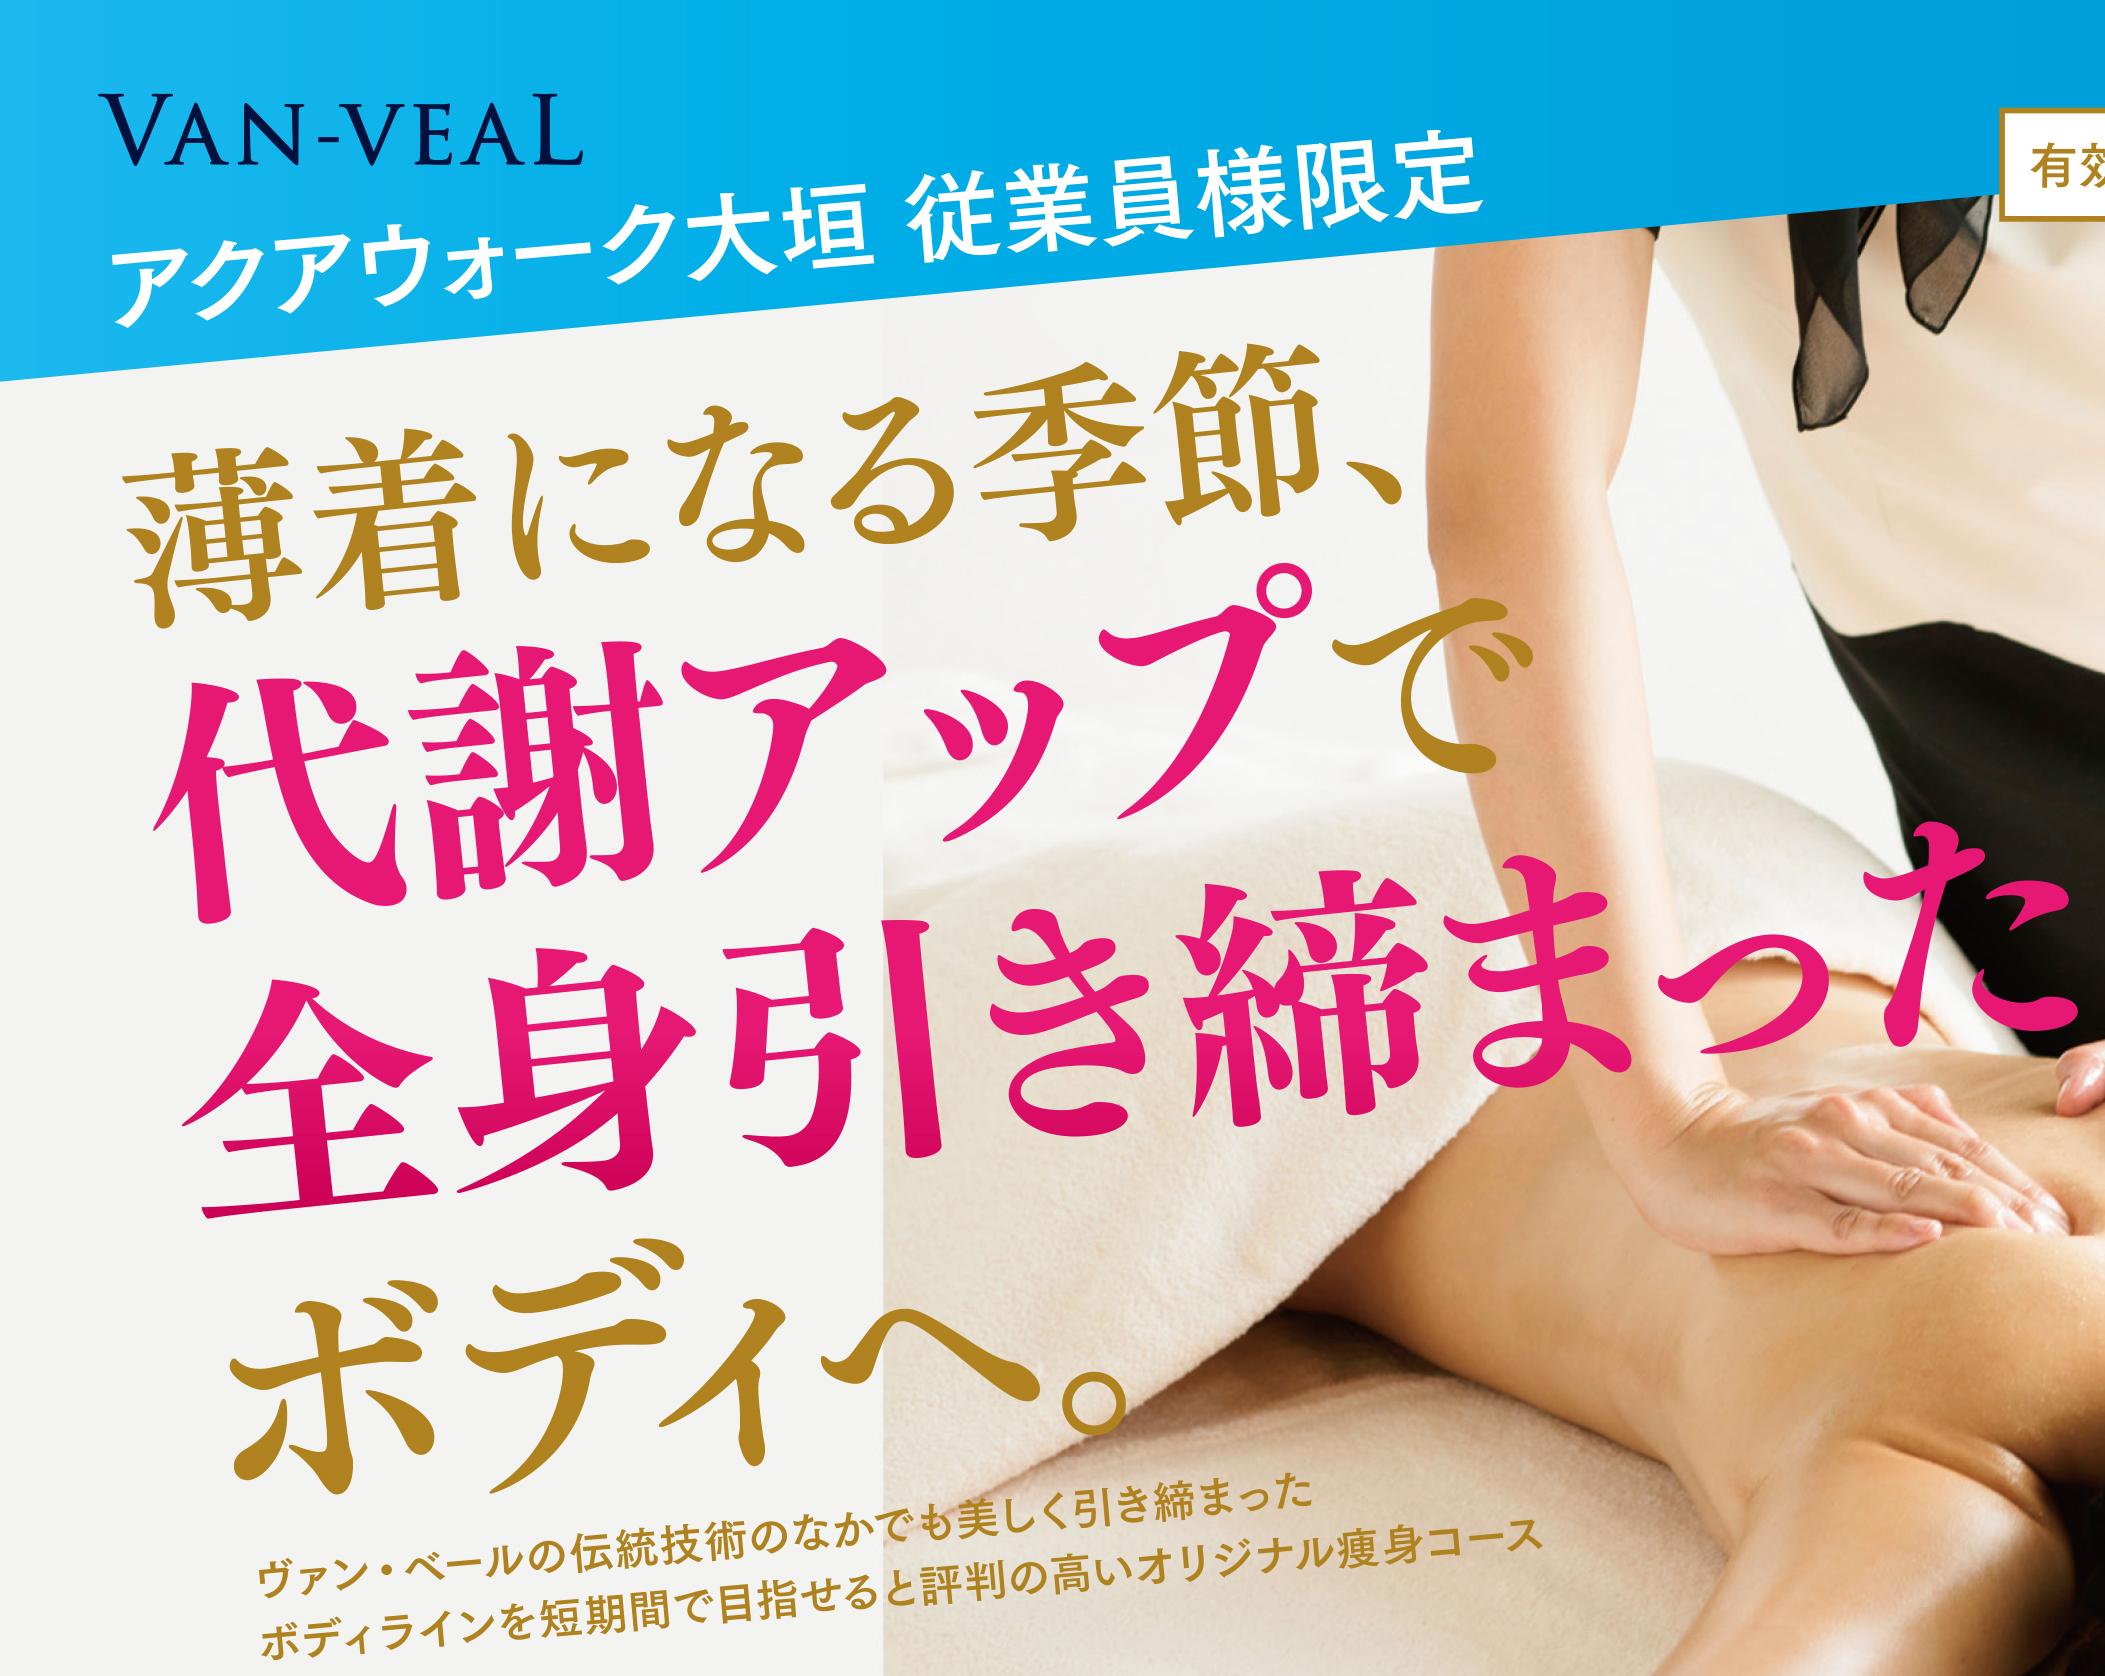 VAN-VEAL 大垣店チラシ